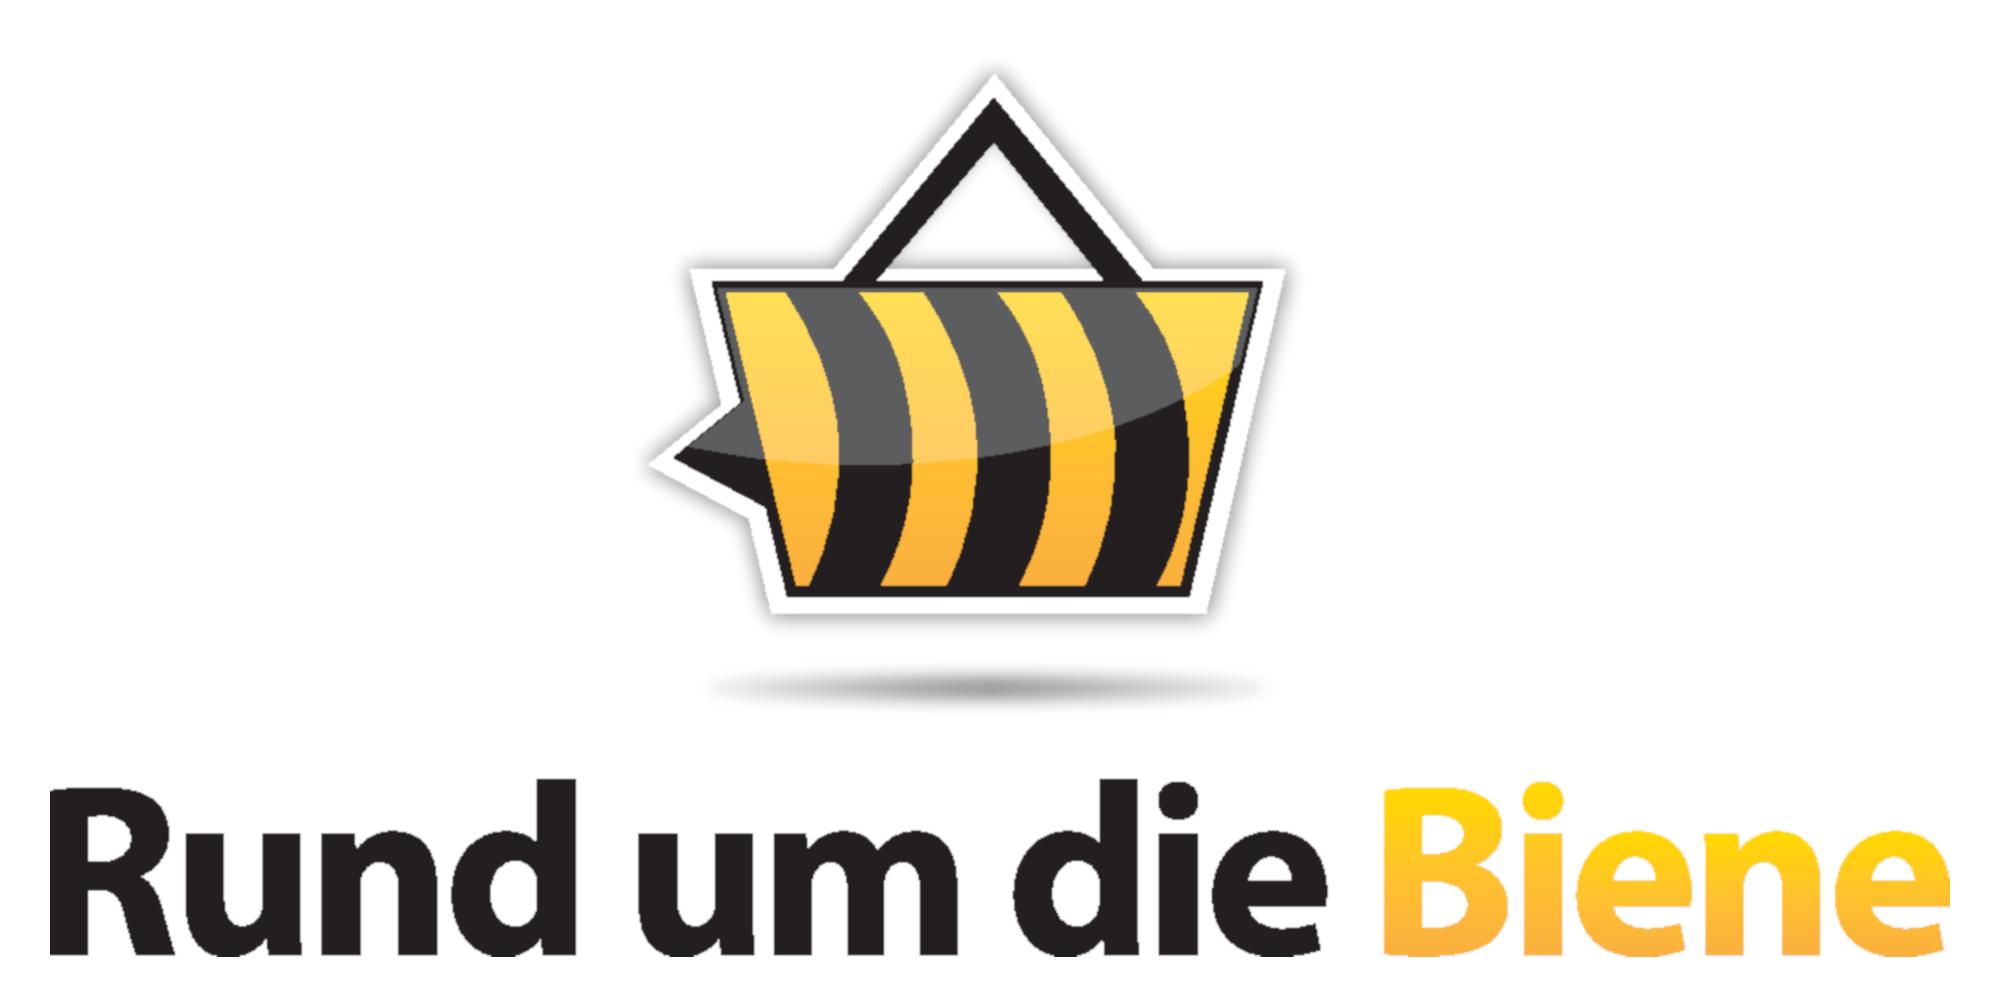 Logo Google Rund um die Biene 2